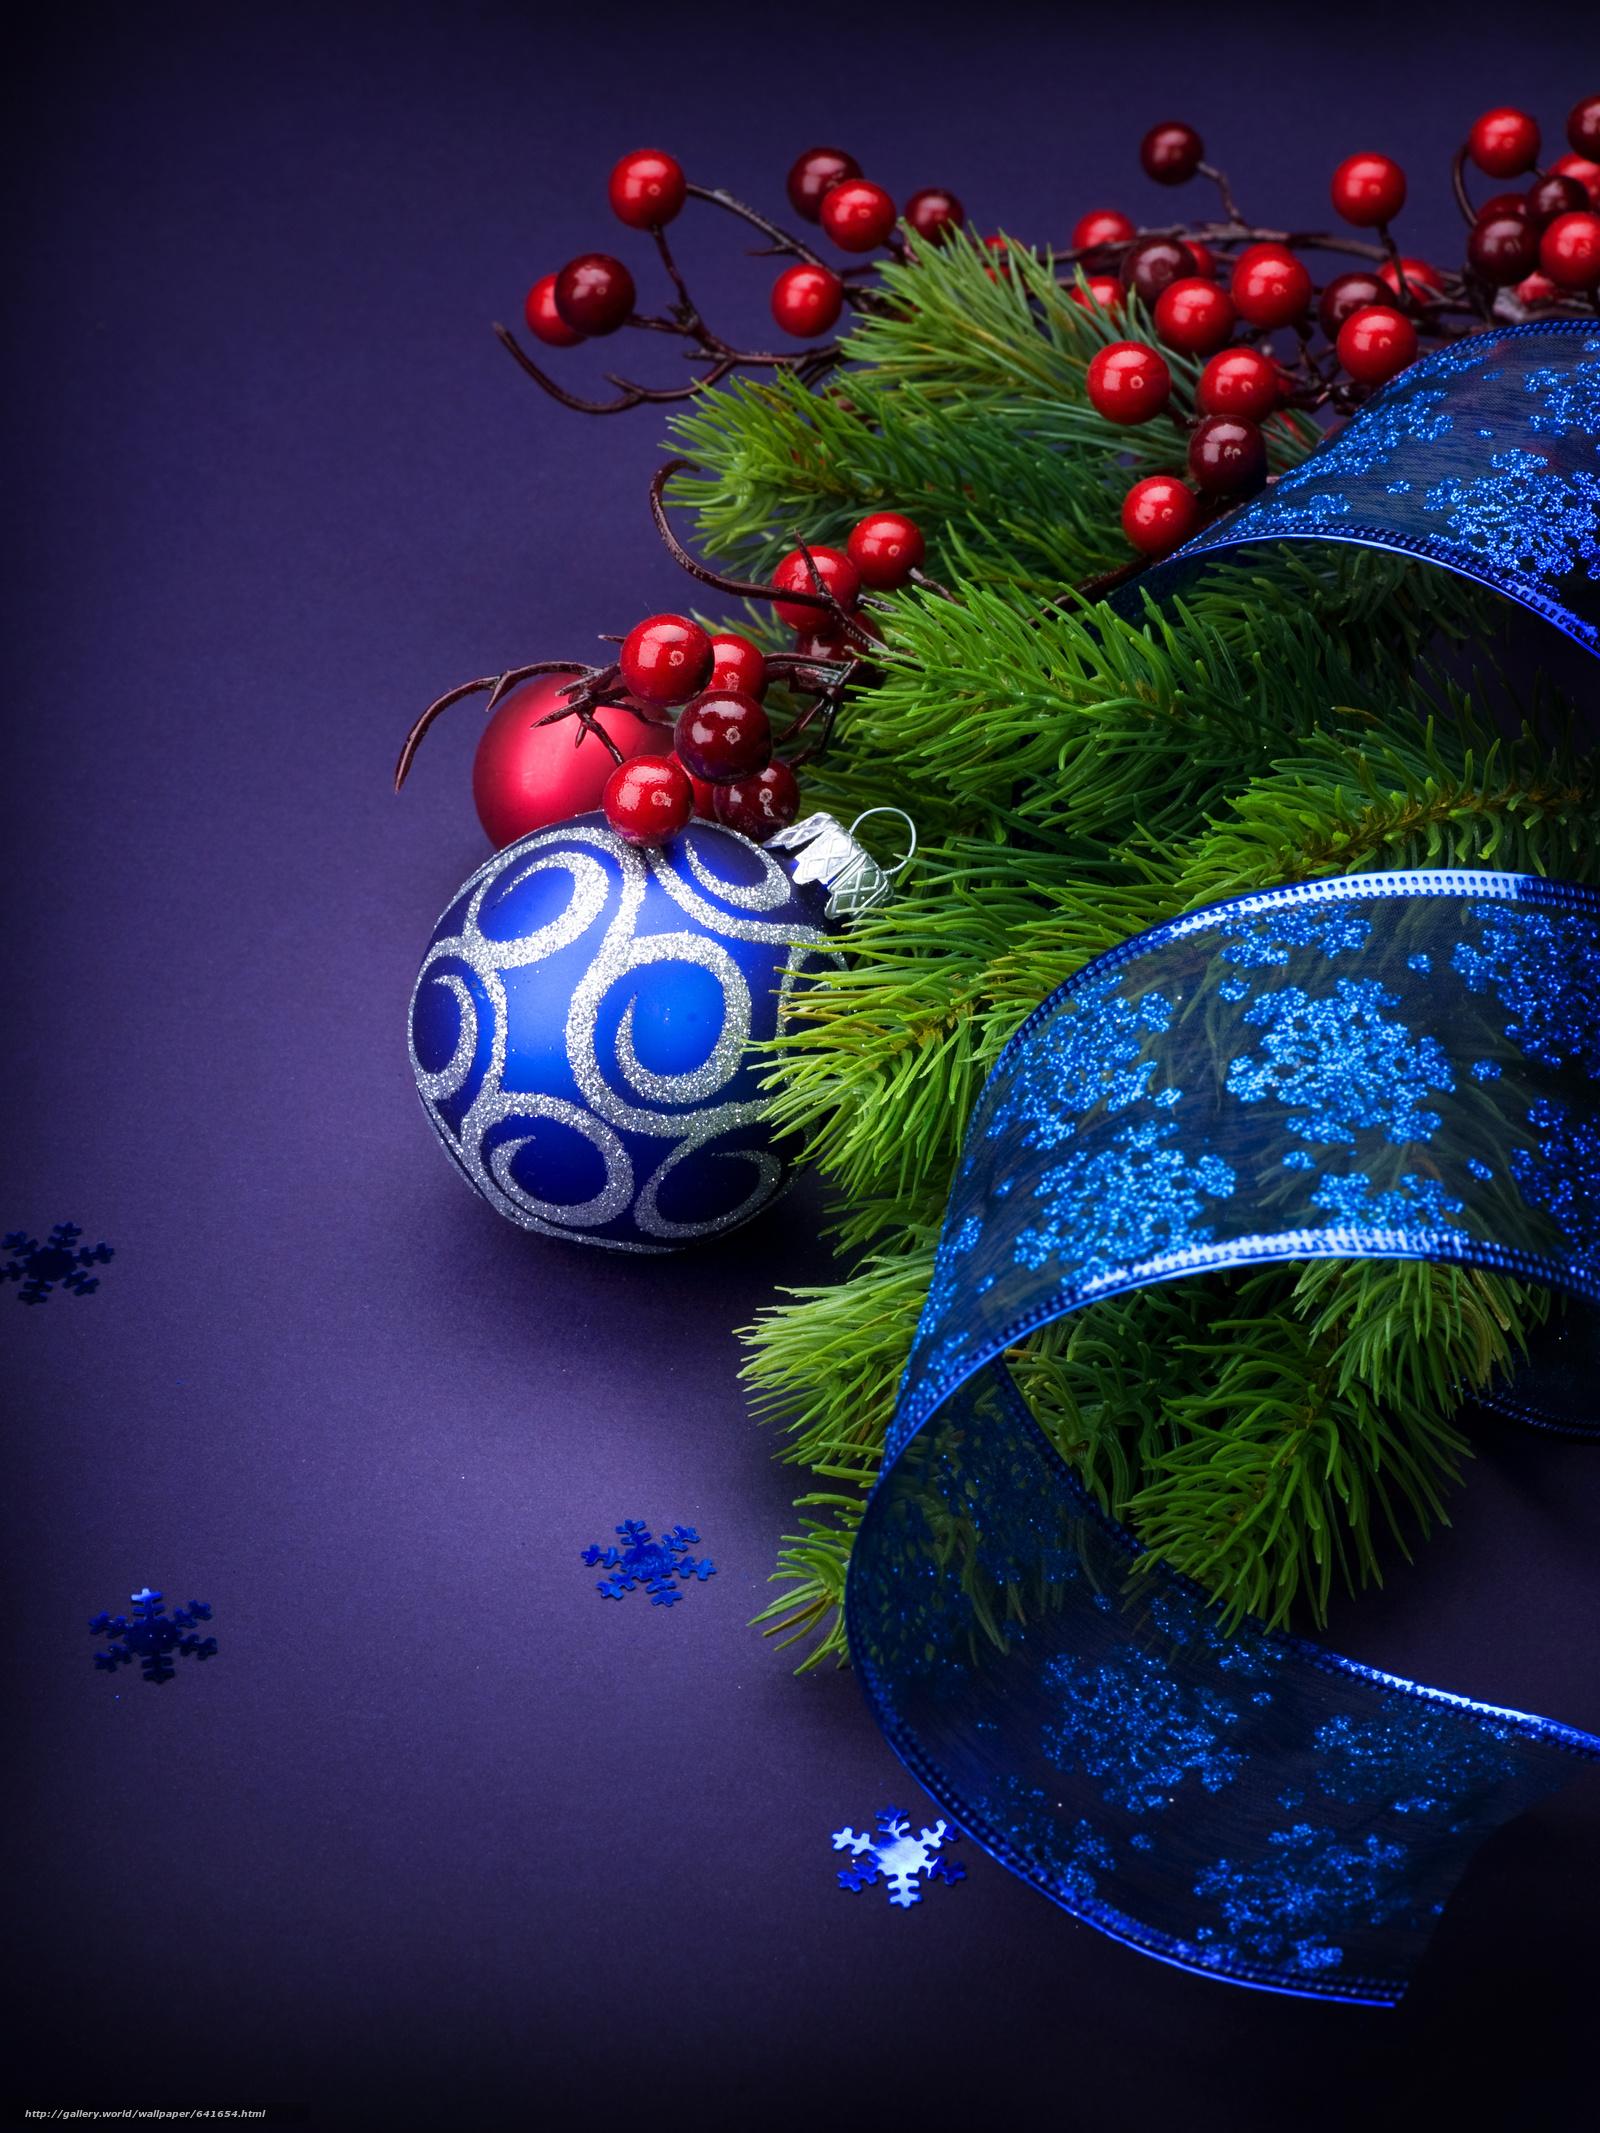 Sfondi Gratis Natalizi.Scaricare Gli Sfondi Capodanno Ornamentazione Addobbi Natalizi